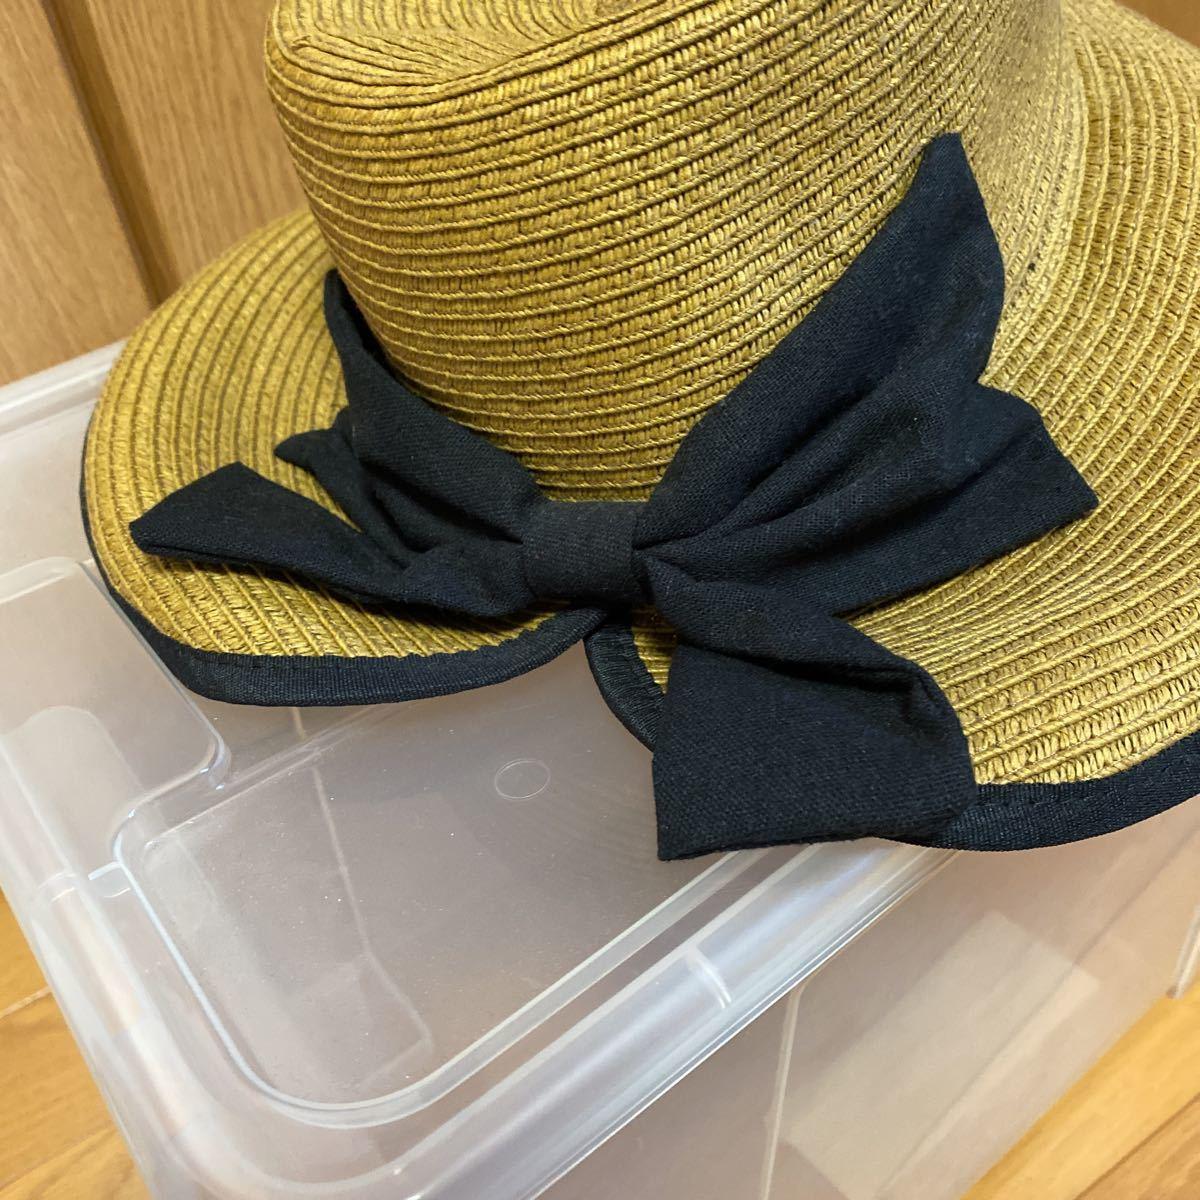 新品・未使用★レイビームス Ray Beams 帽子 リボン付き麦わら帽子★サイズ57.5㎝_画像2